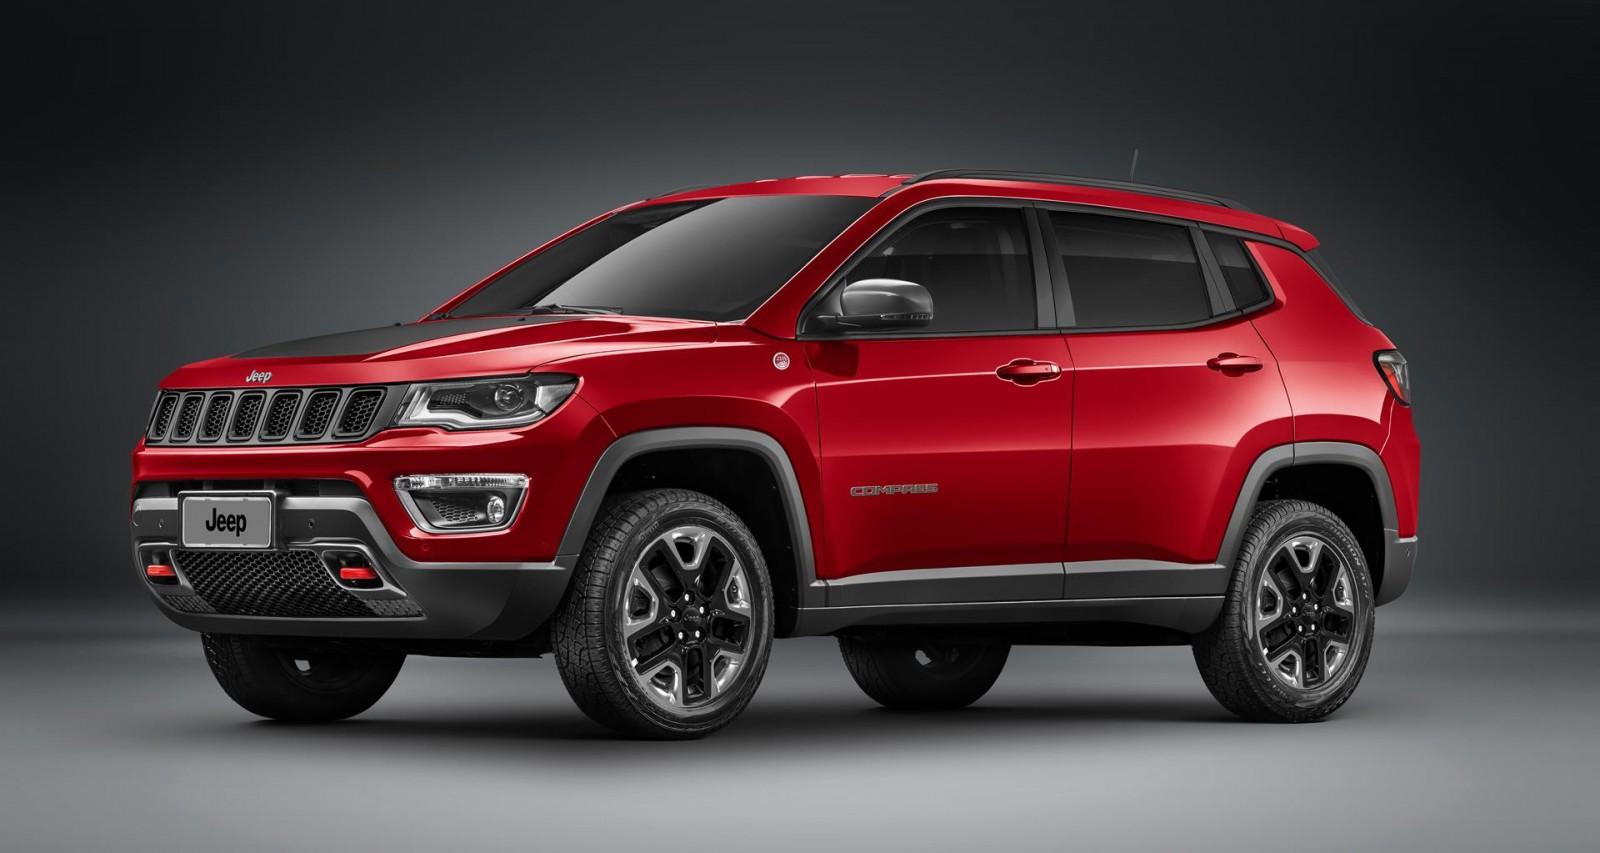 novo jeep compass chega ao mercado com preço abaixo de r$ 100